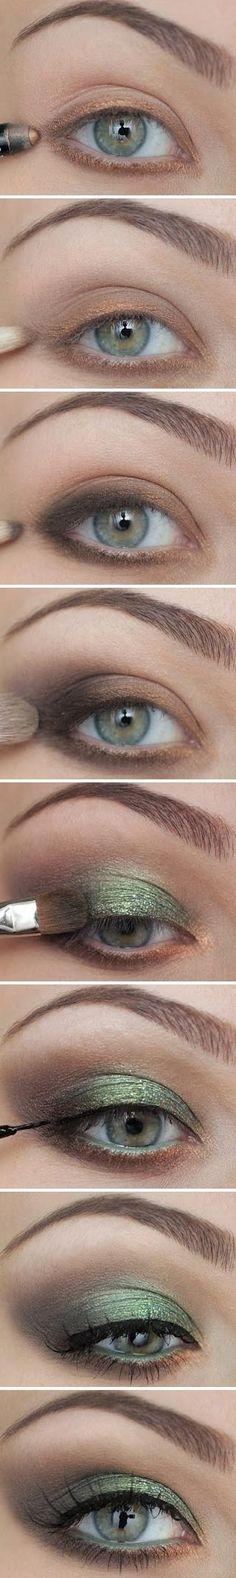 green & brown look